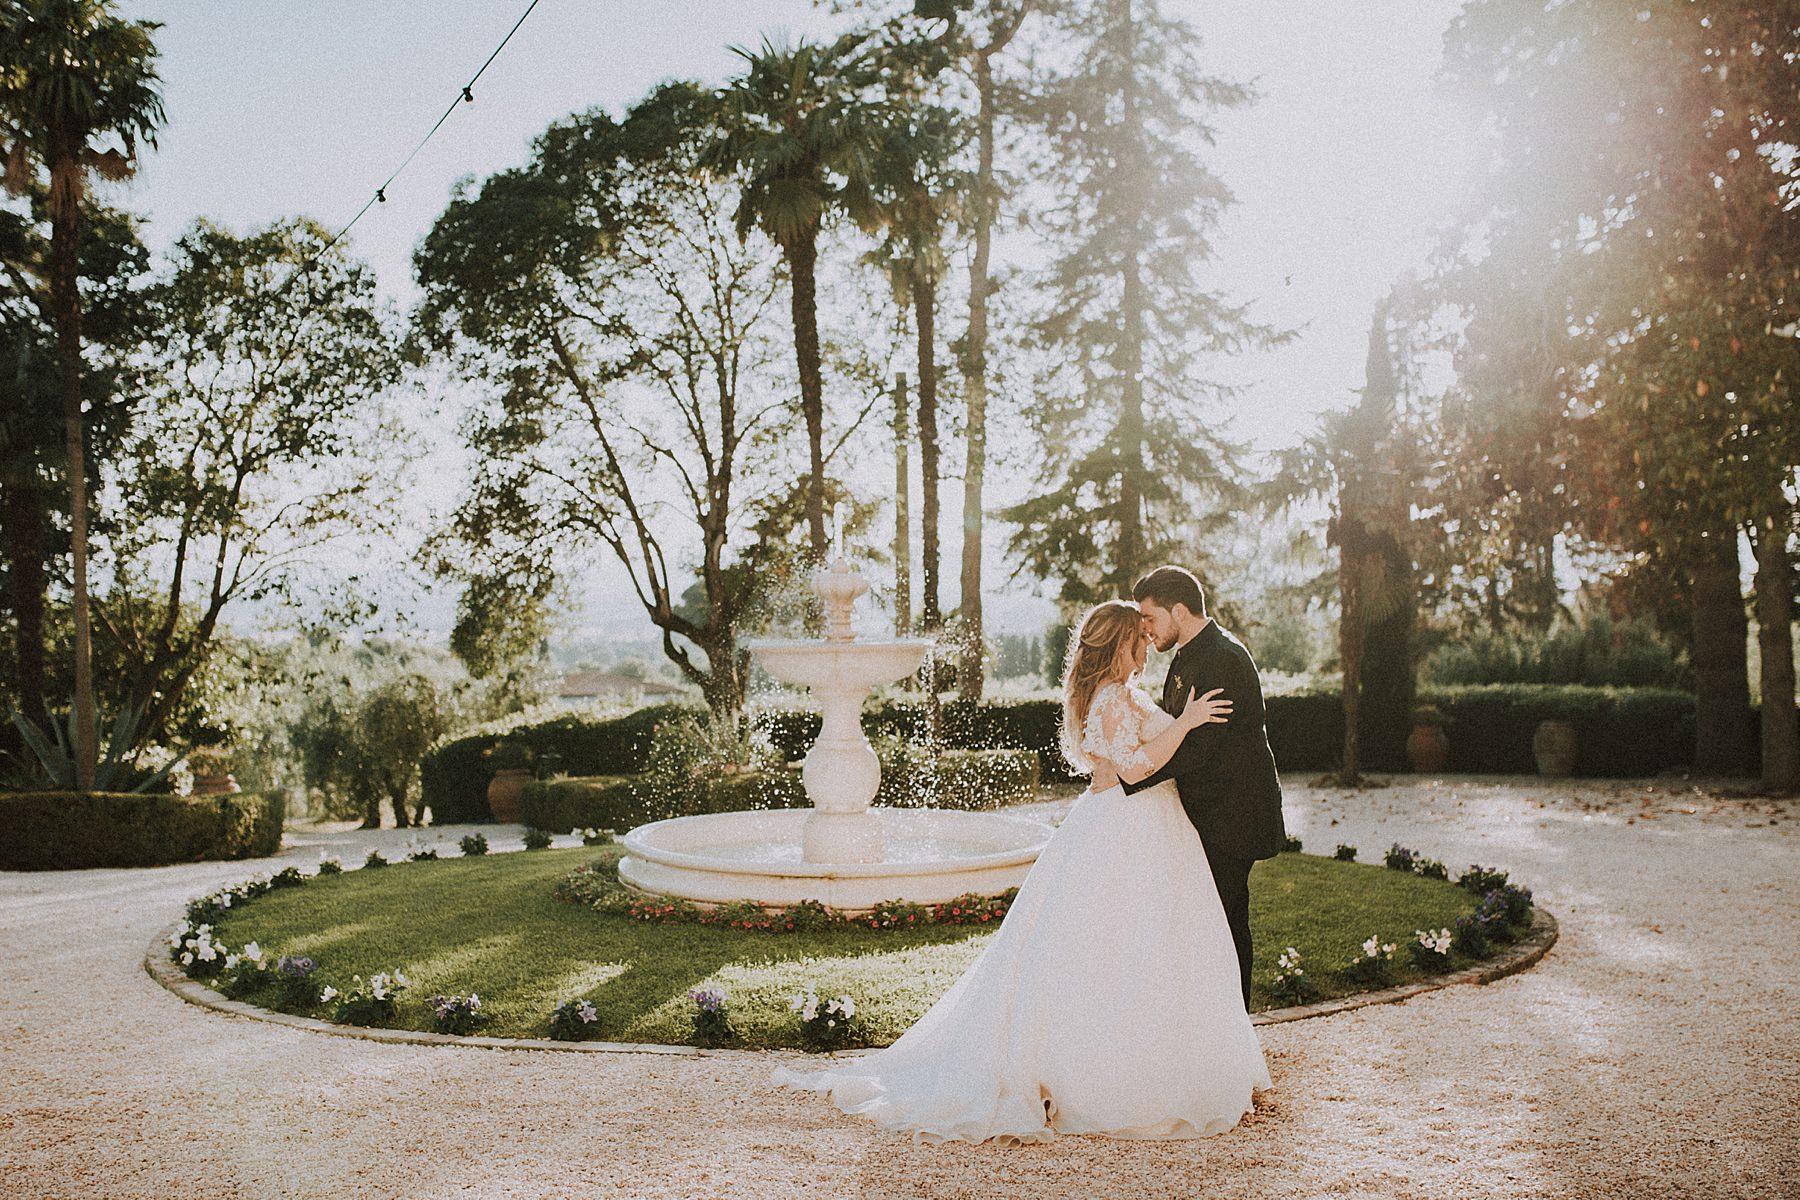 matrimonio romantico a villa burali